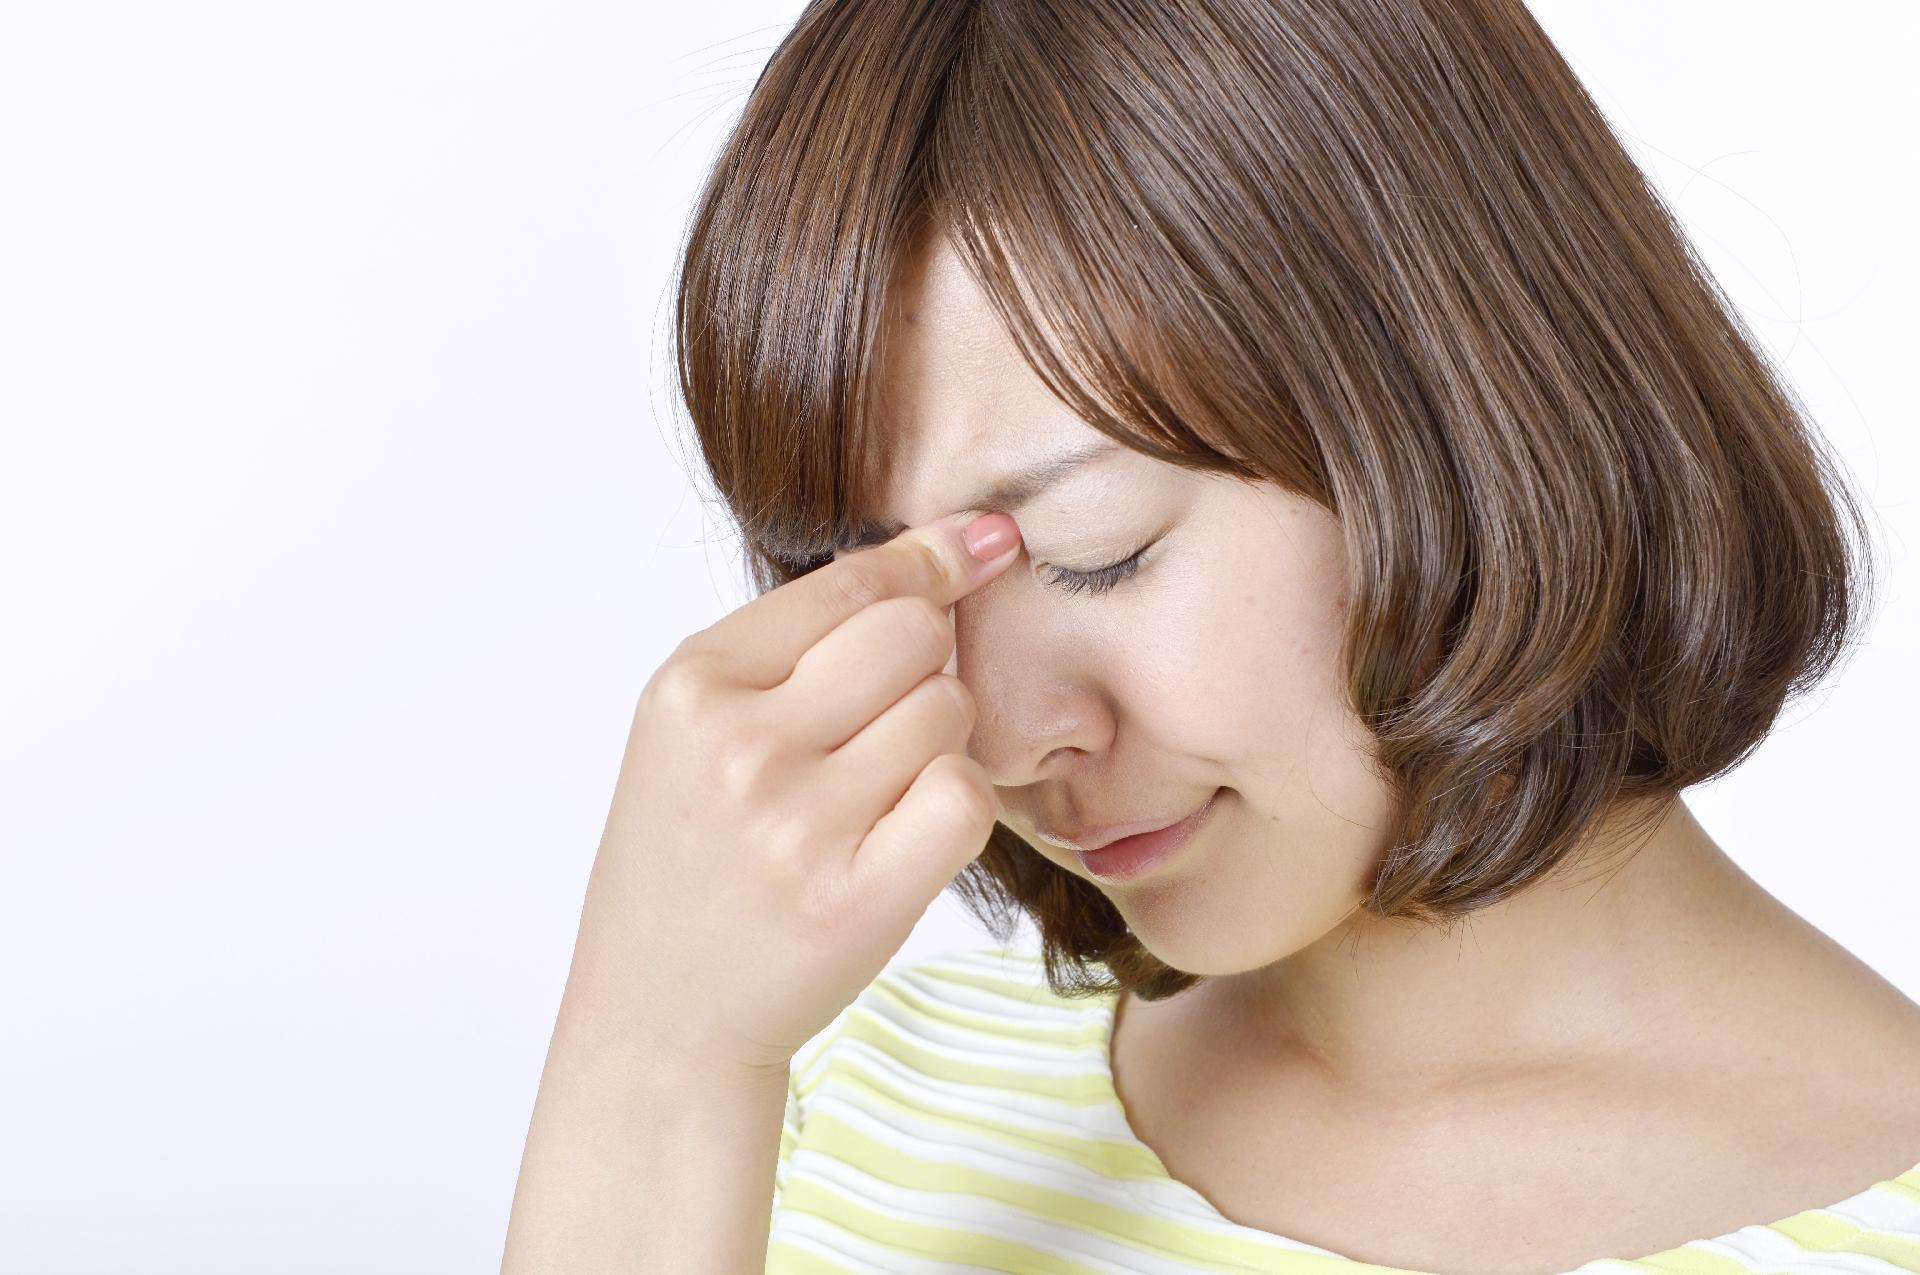 メニエール病の症状であるふらつきの原因